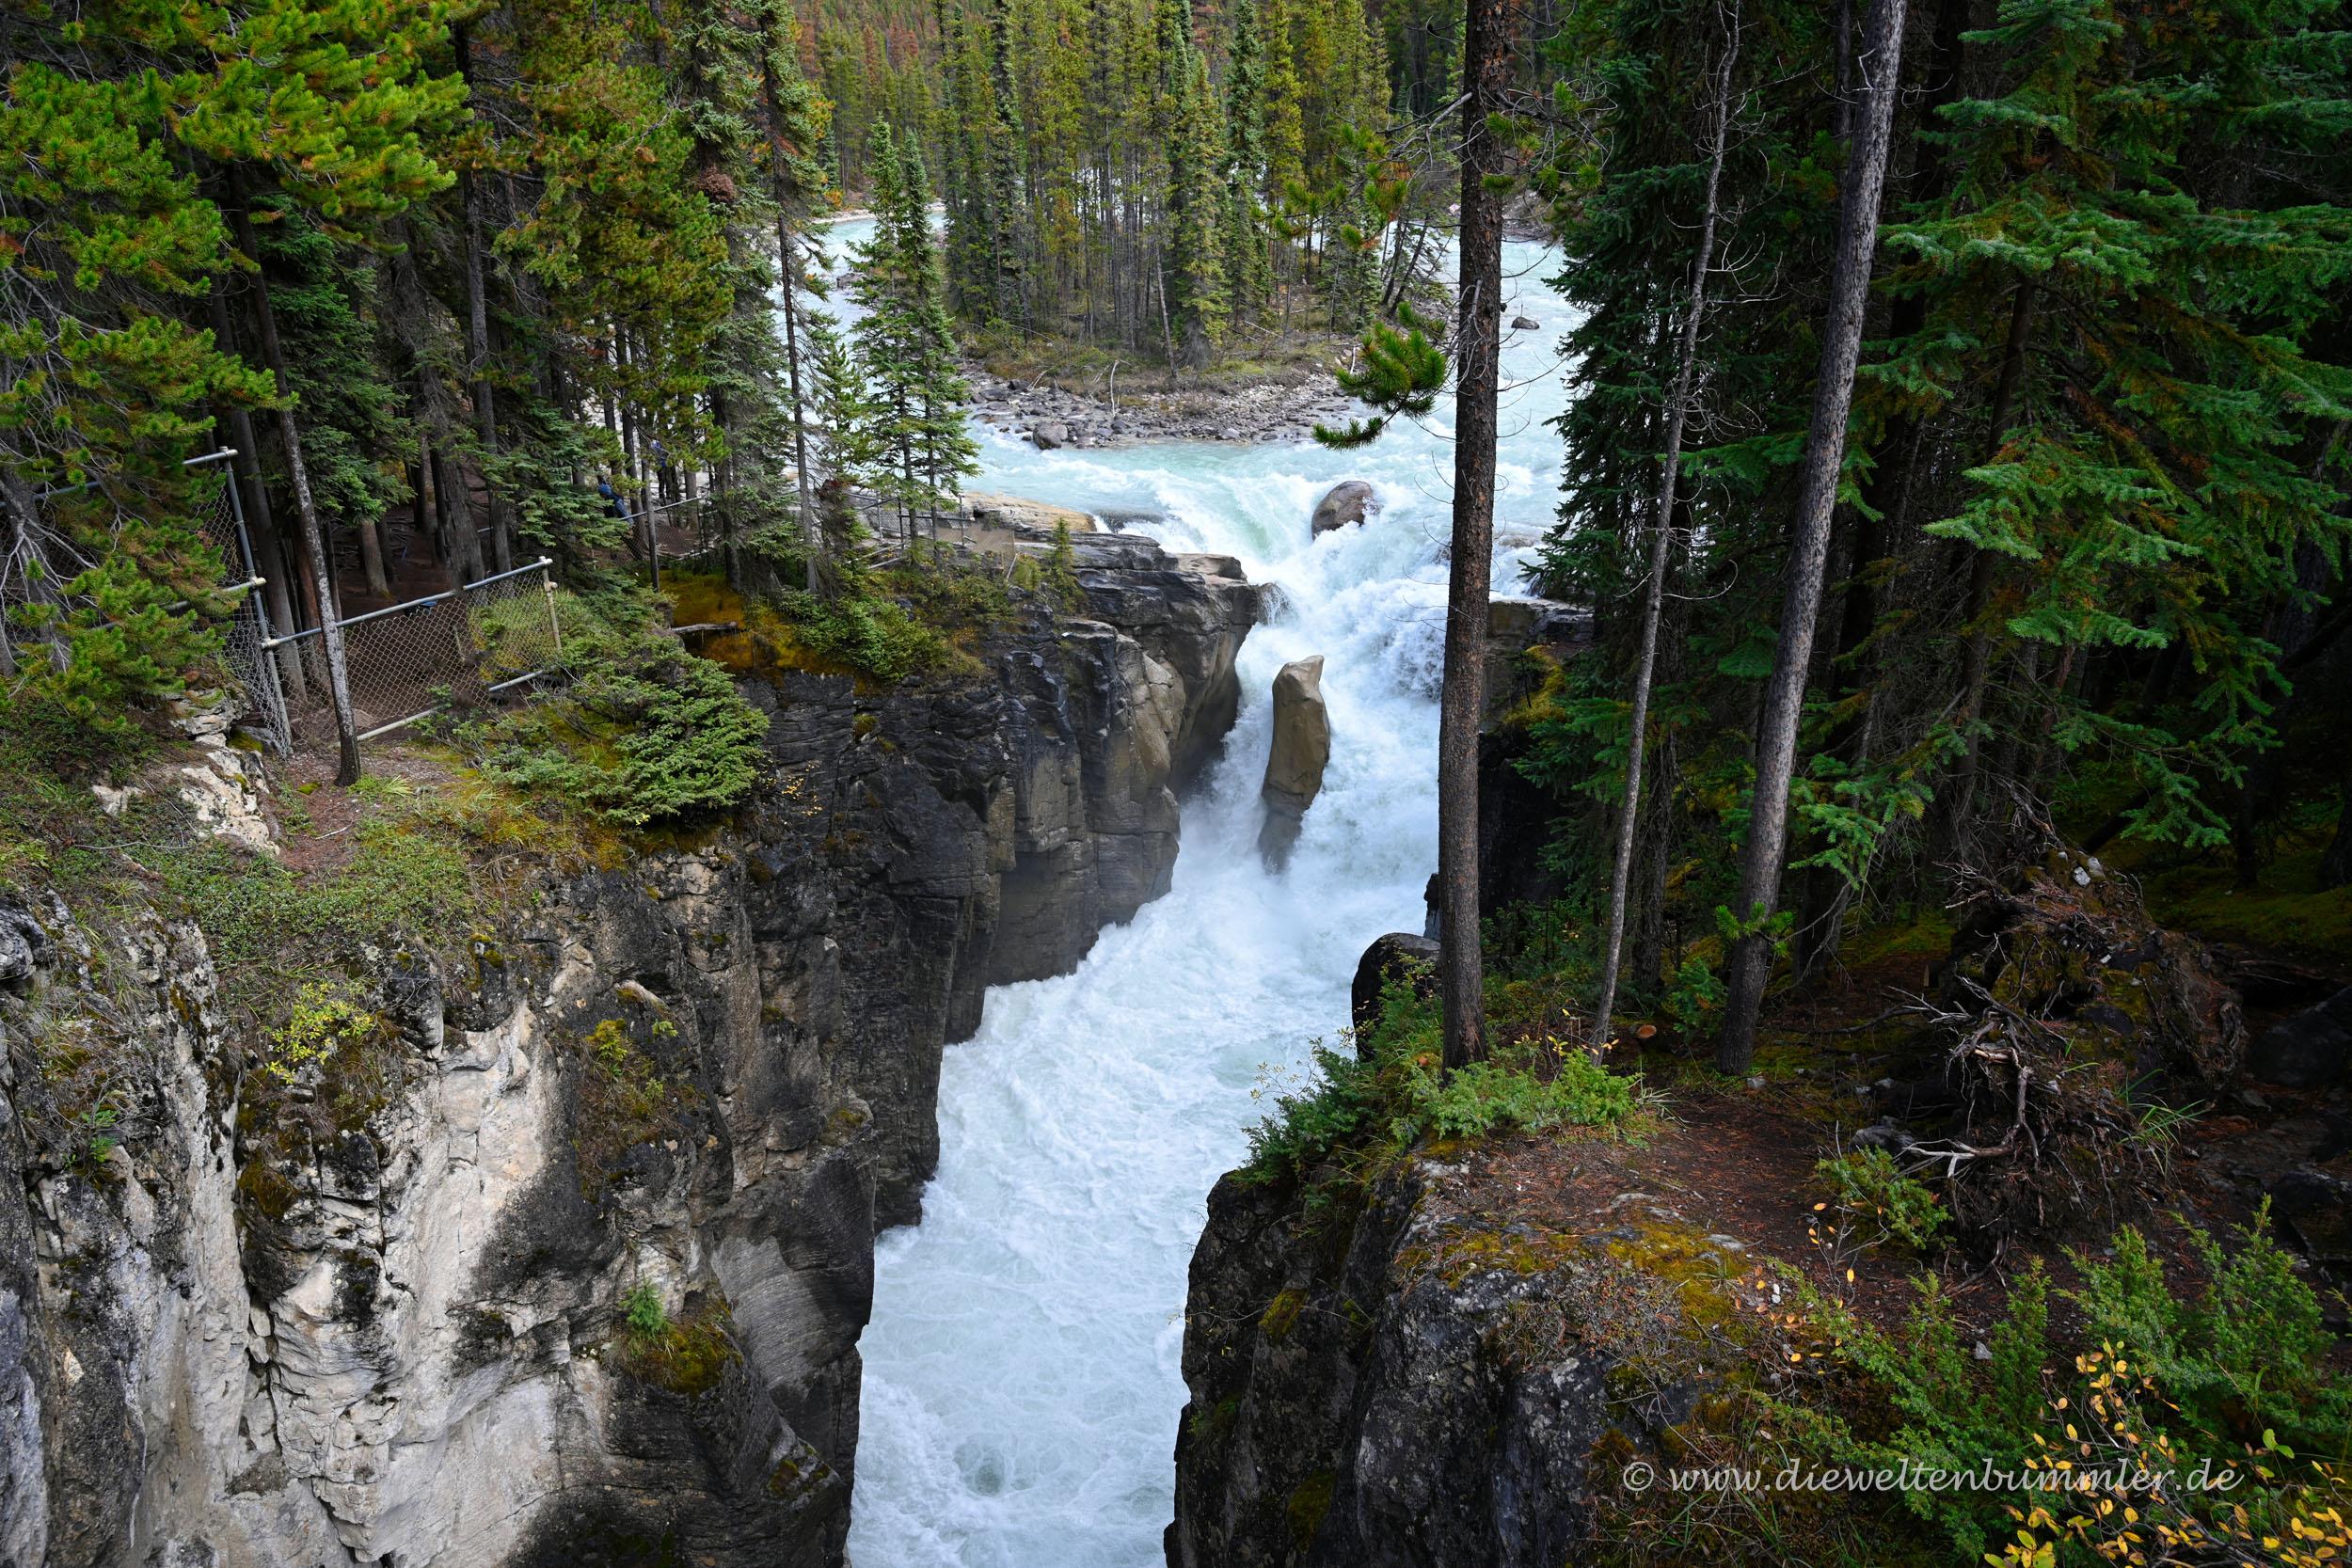 Weiterer Wasserfall - Sunwapta Falls